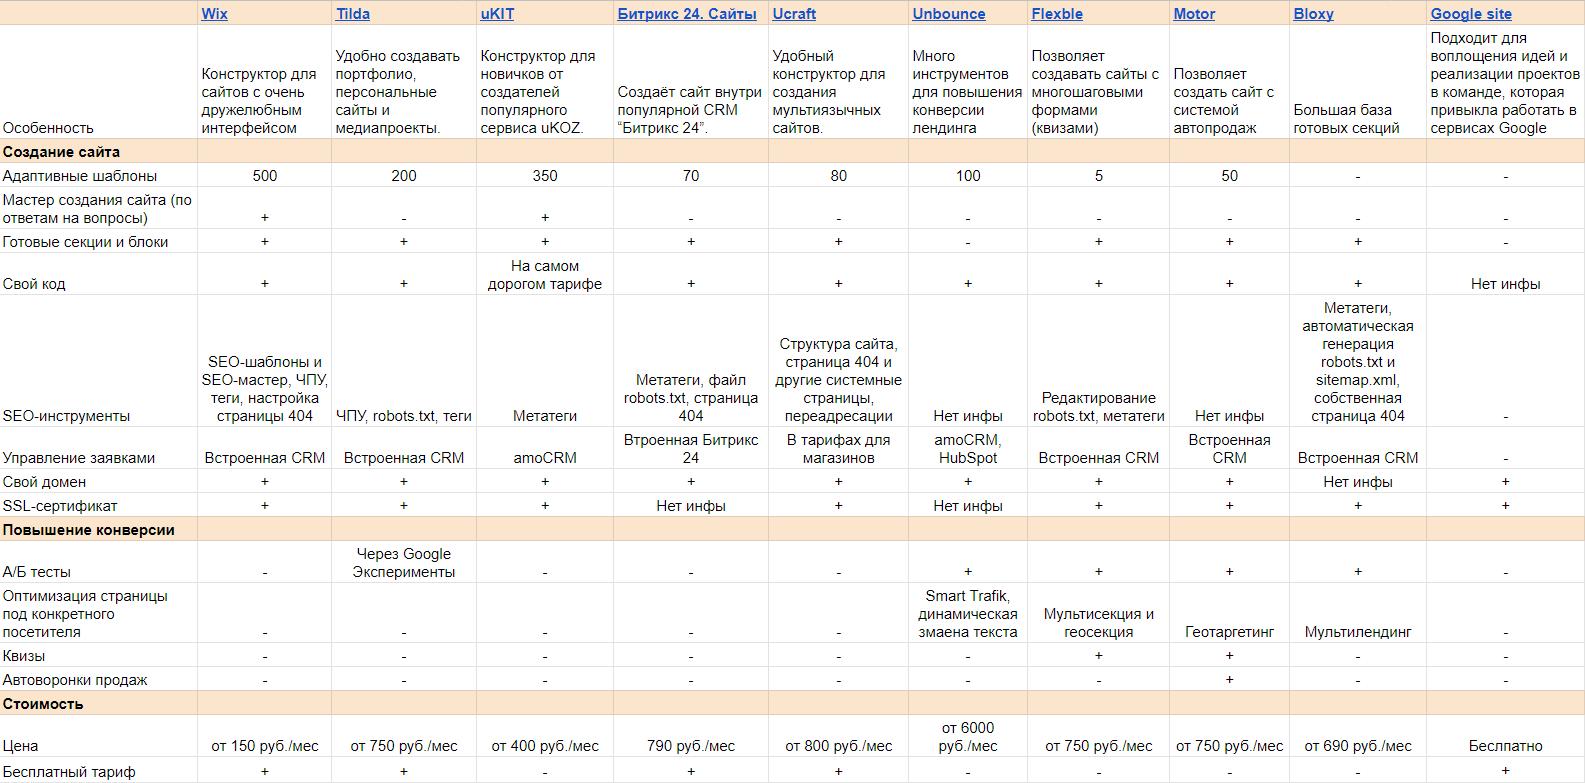 сравнительная таблица конструкторов сайтов